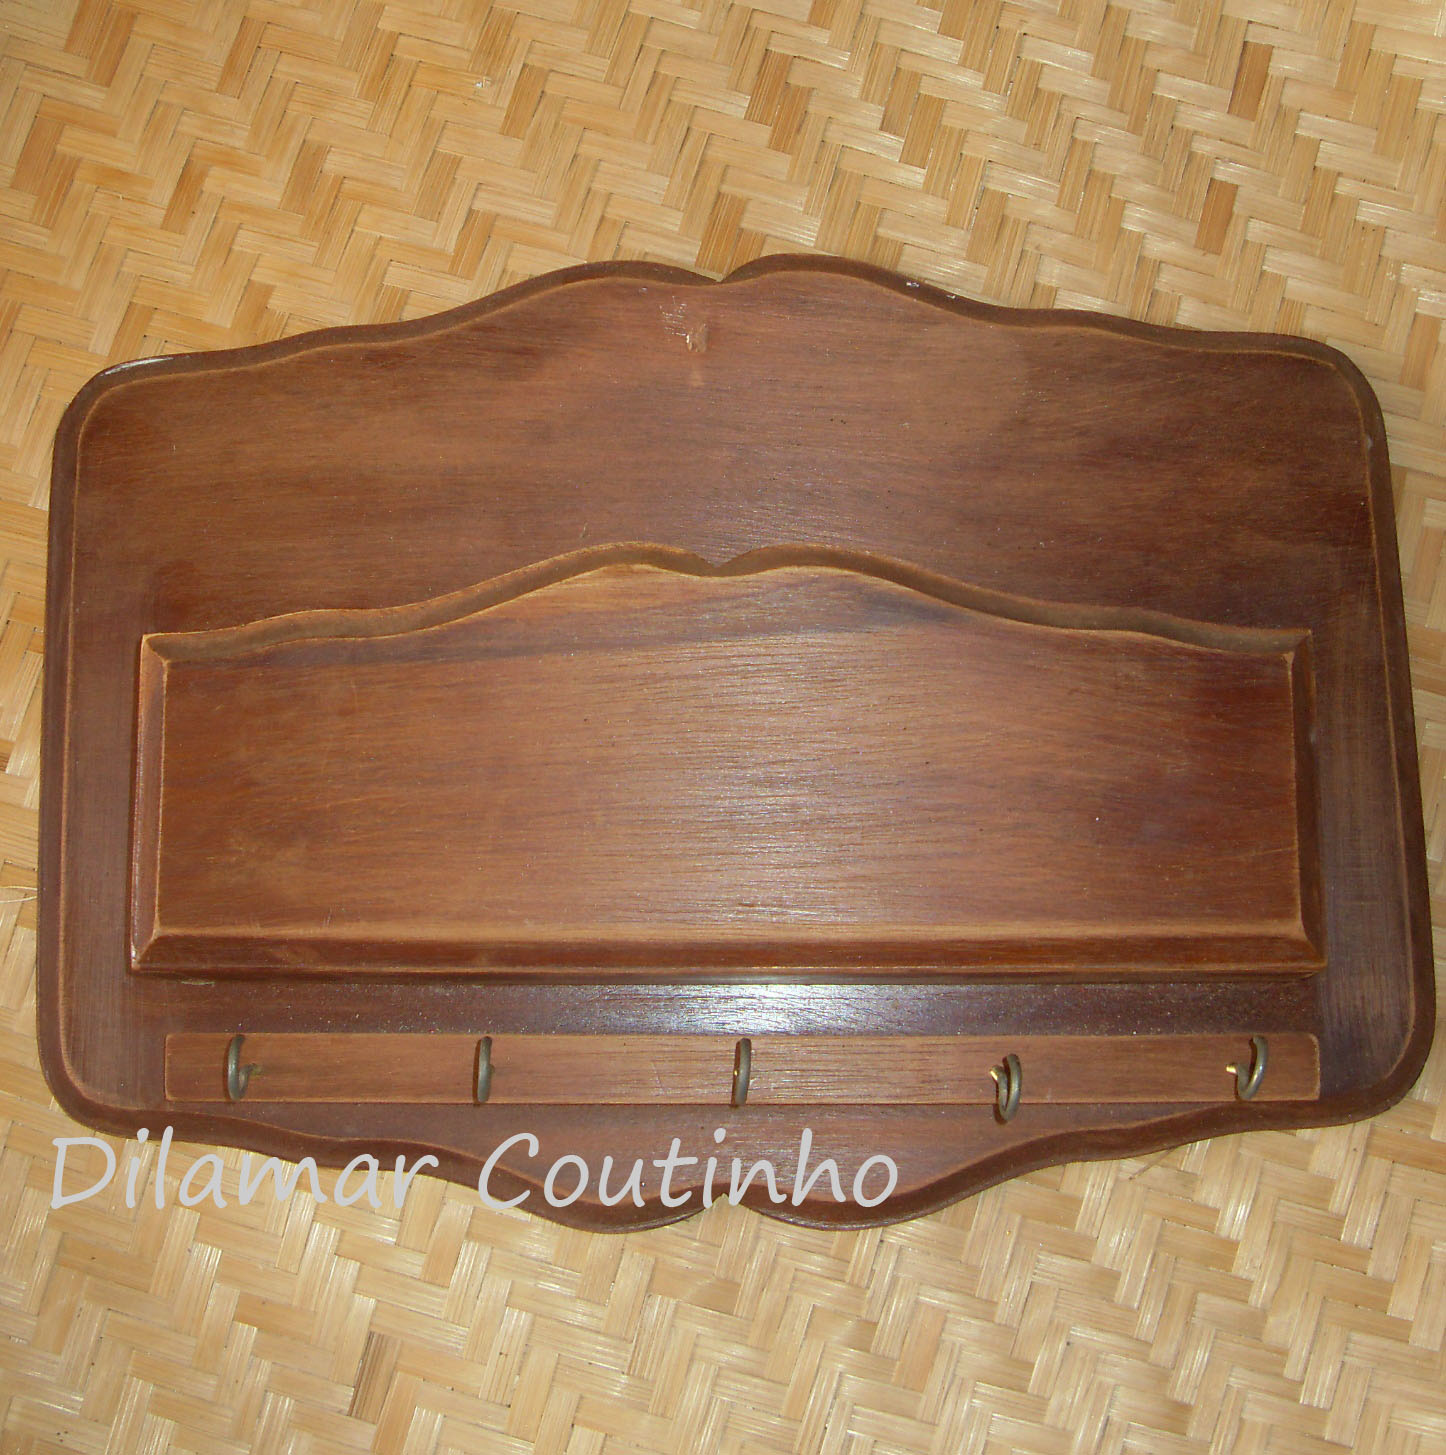 com o descarte: PORTA CHAVES DE MADEIRA RENOVADO COM BORBOLETAS DE PET #4C2D1E 1446x1455